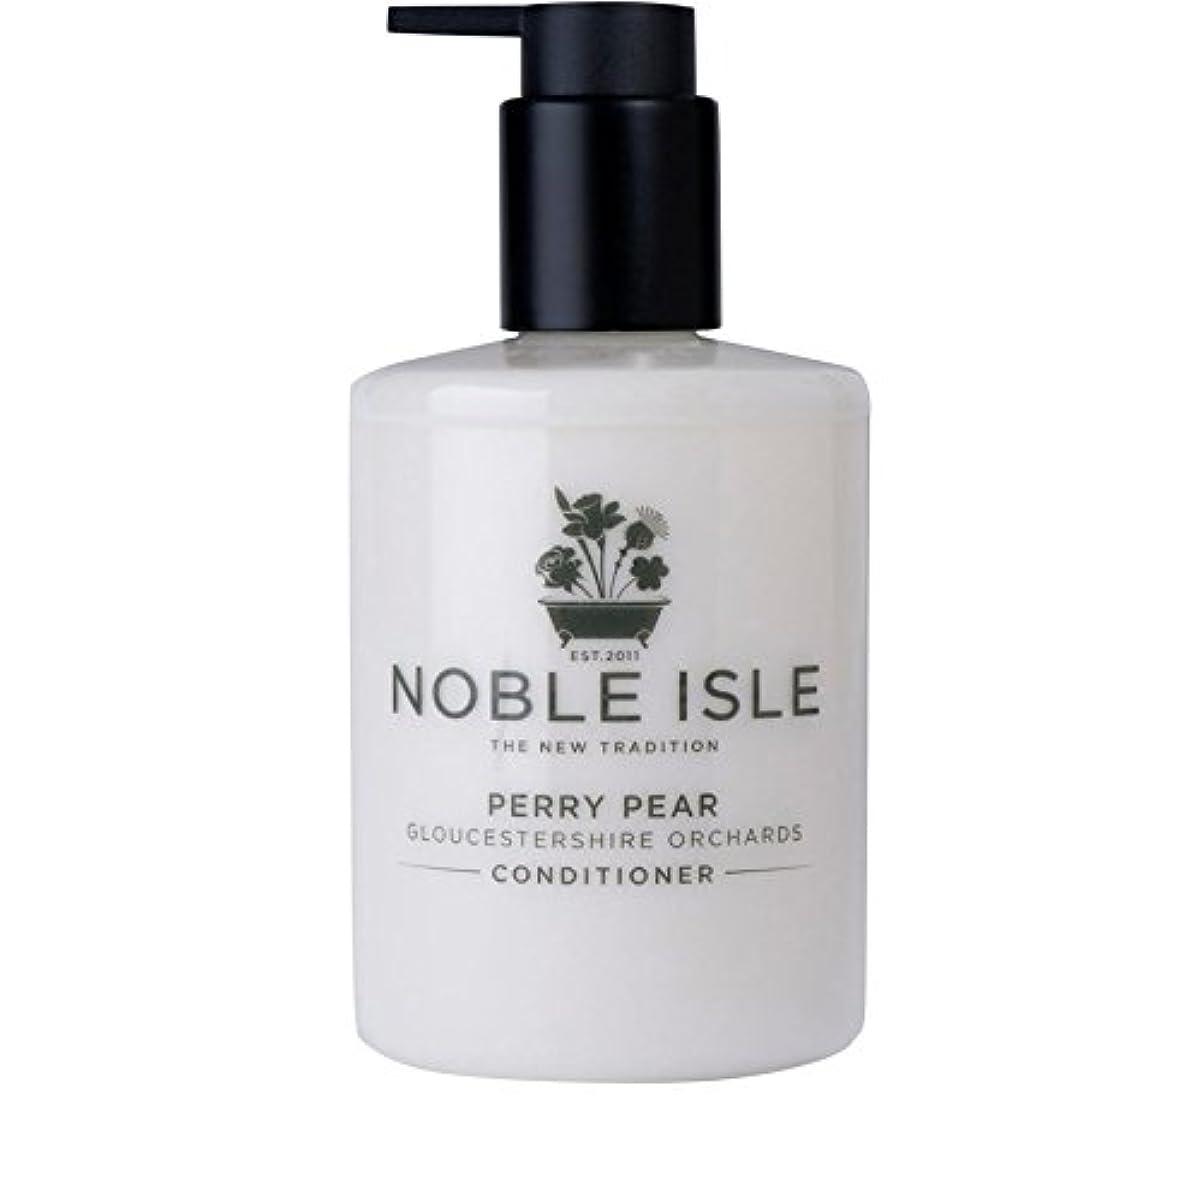 桃解明する囚人Noble Isle Perry Pear Gloucestershire Orchards Conditioner 250ml - 高貴な島ペリー梨グロスターシャー州の果樹園コンディショナー250ミリリットル [並行輸入品]